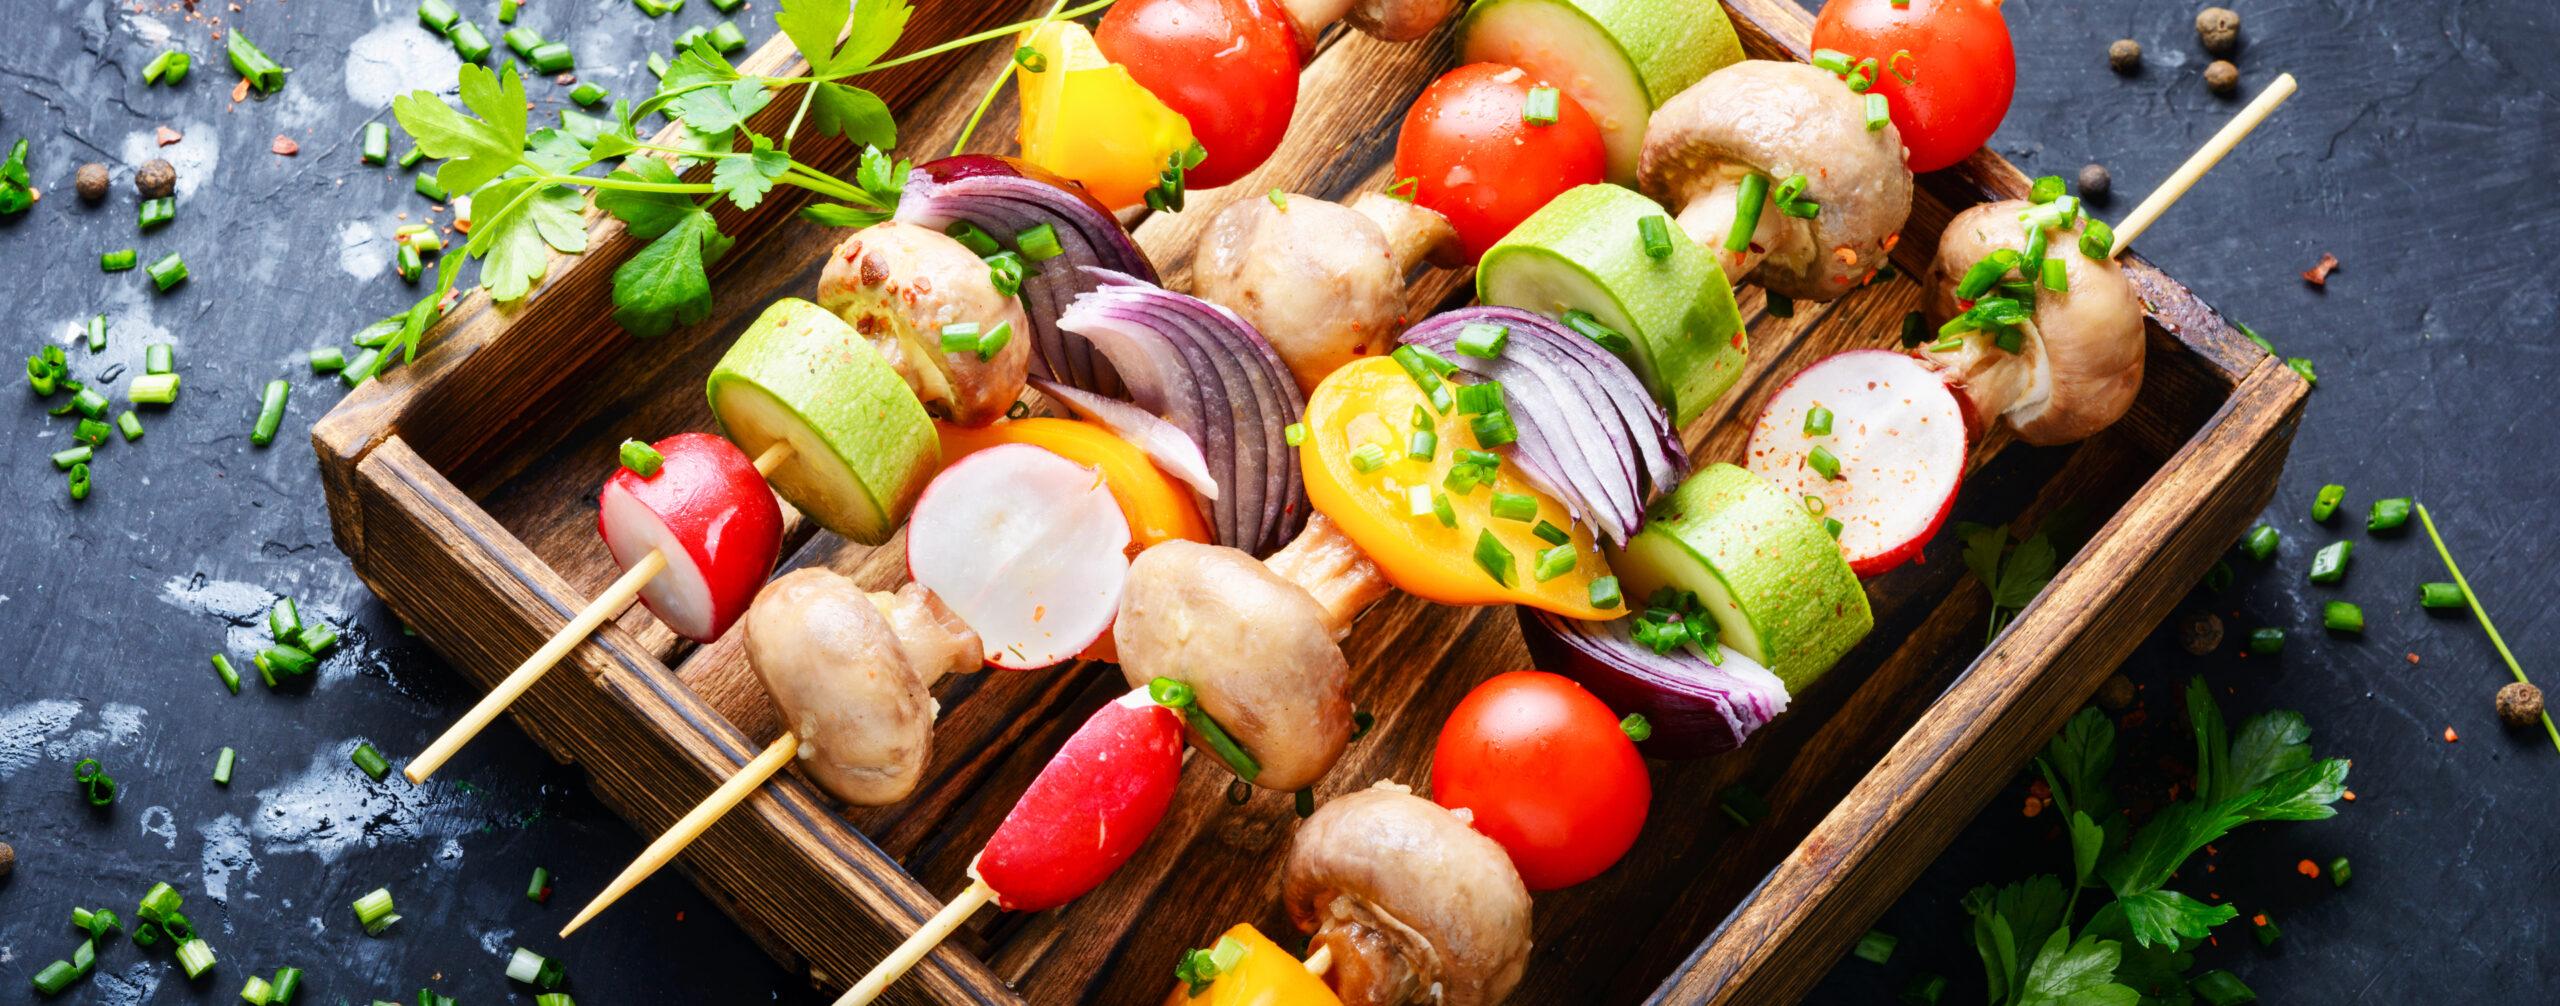 きのこ類や野菜をたくさん食べて